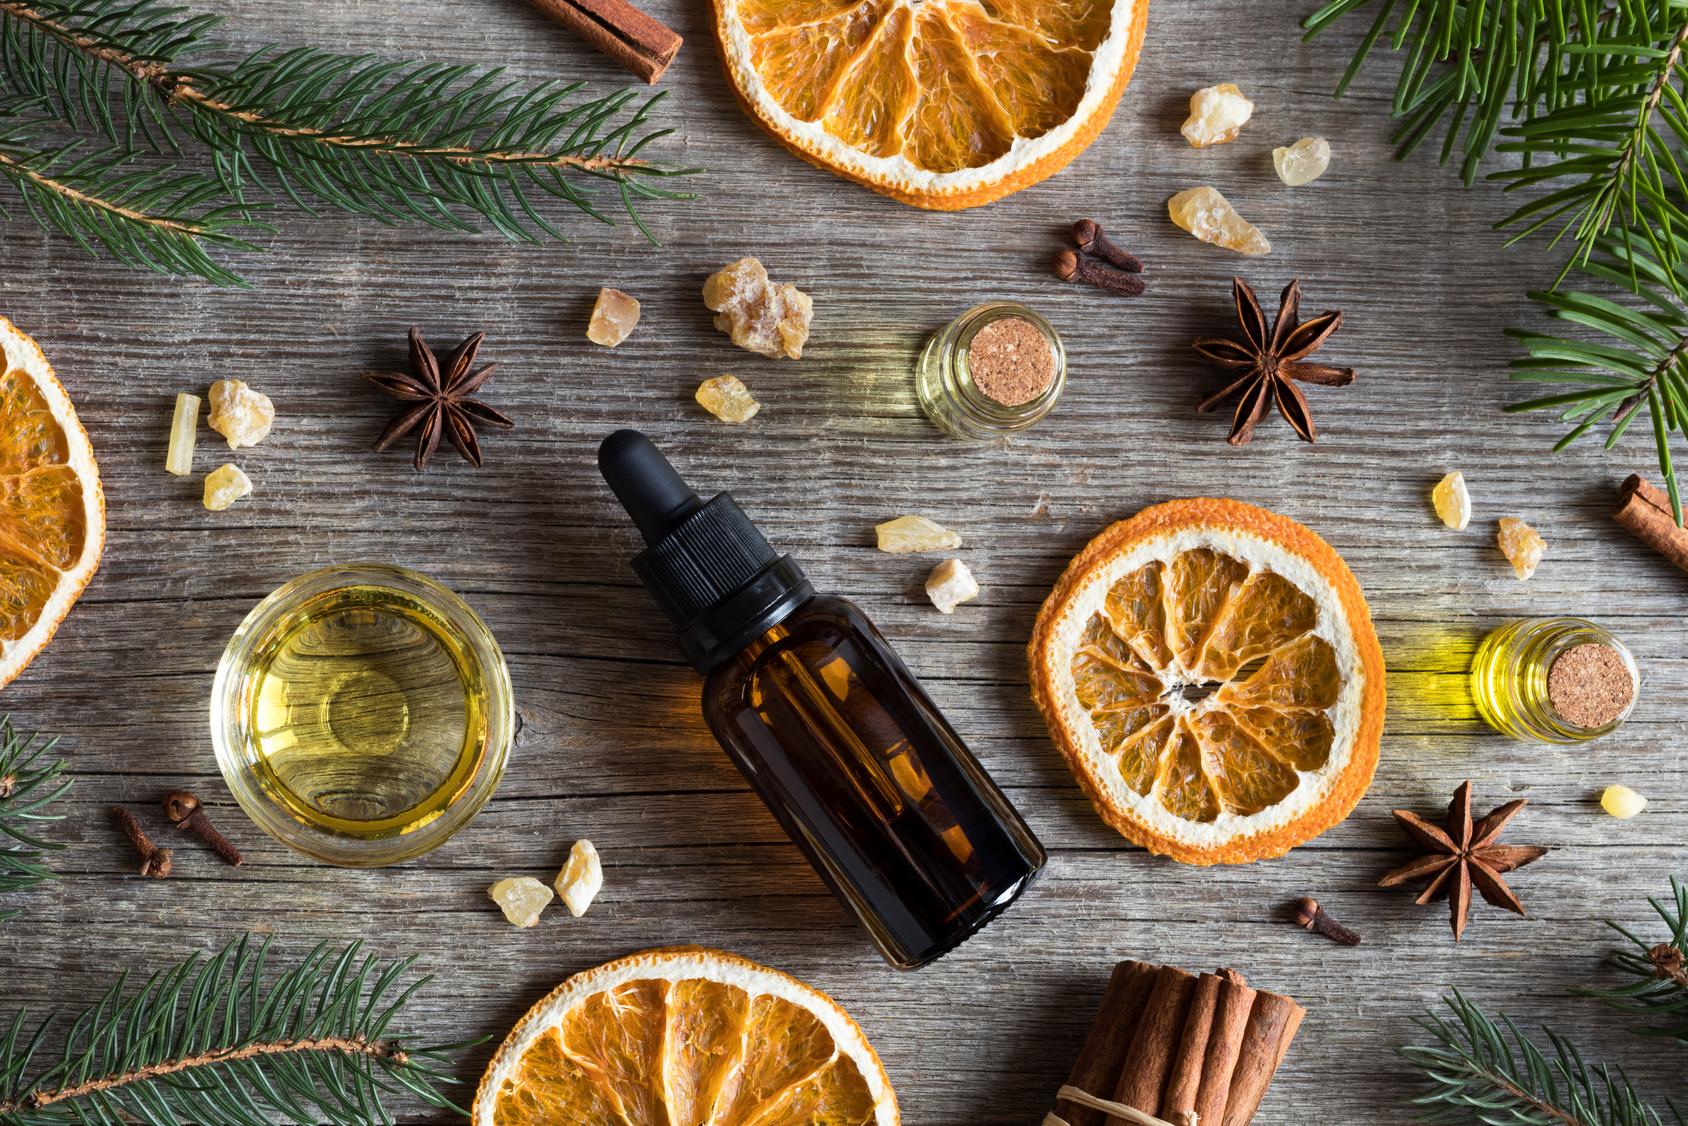 L huile essentielle d épinette noire   l arme anti fatigue ! - Blog bio,  bien ... 811b1d33eb3b